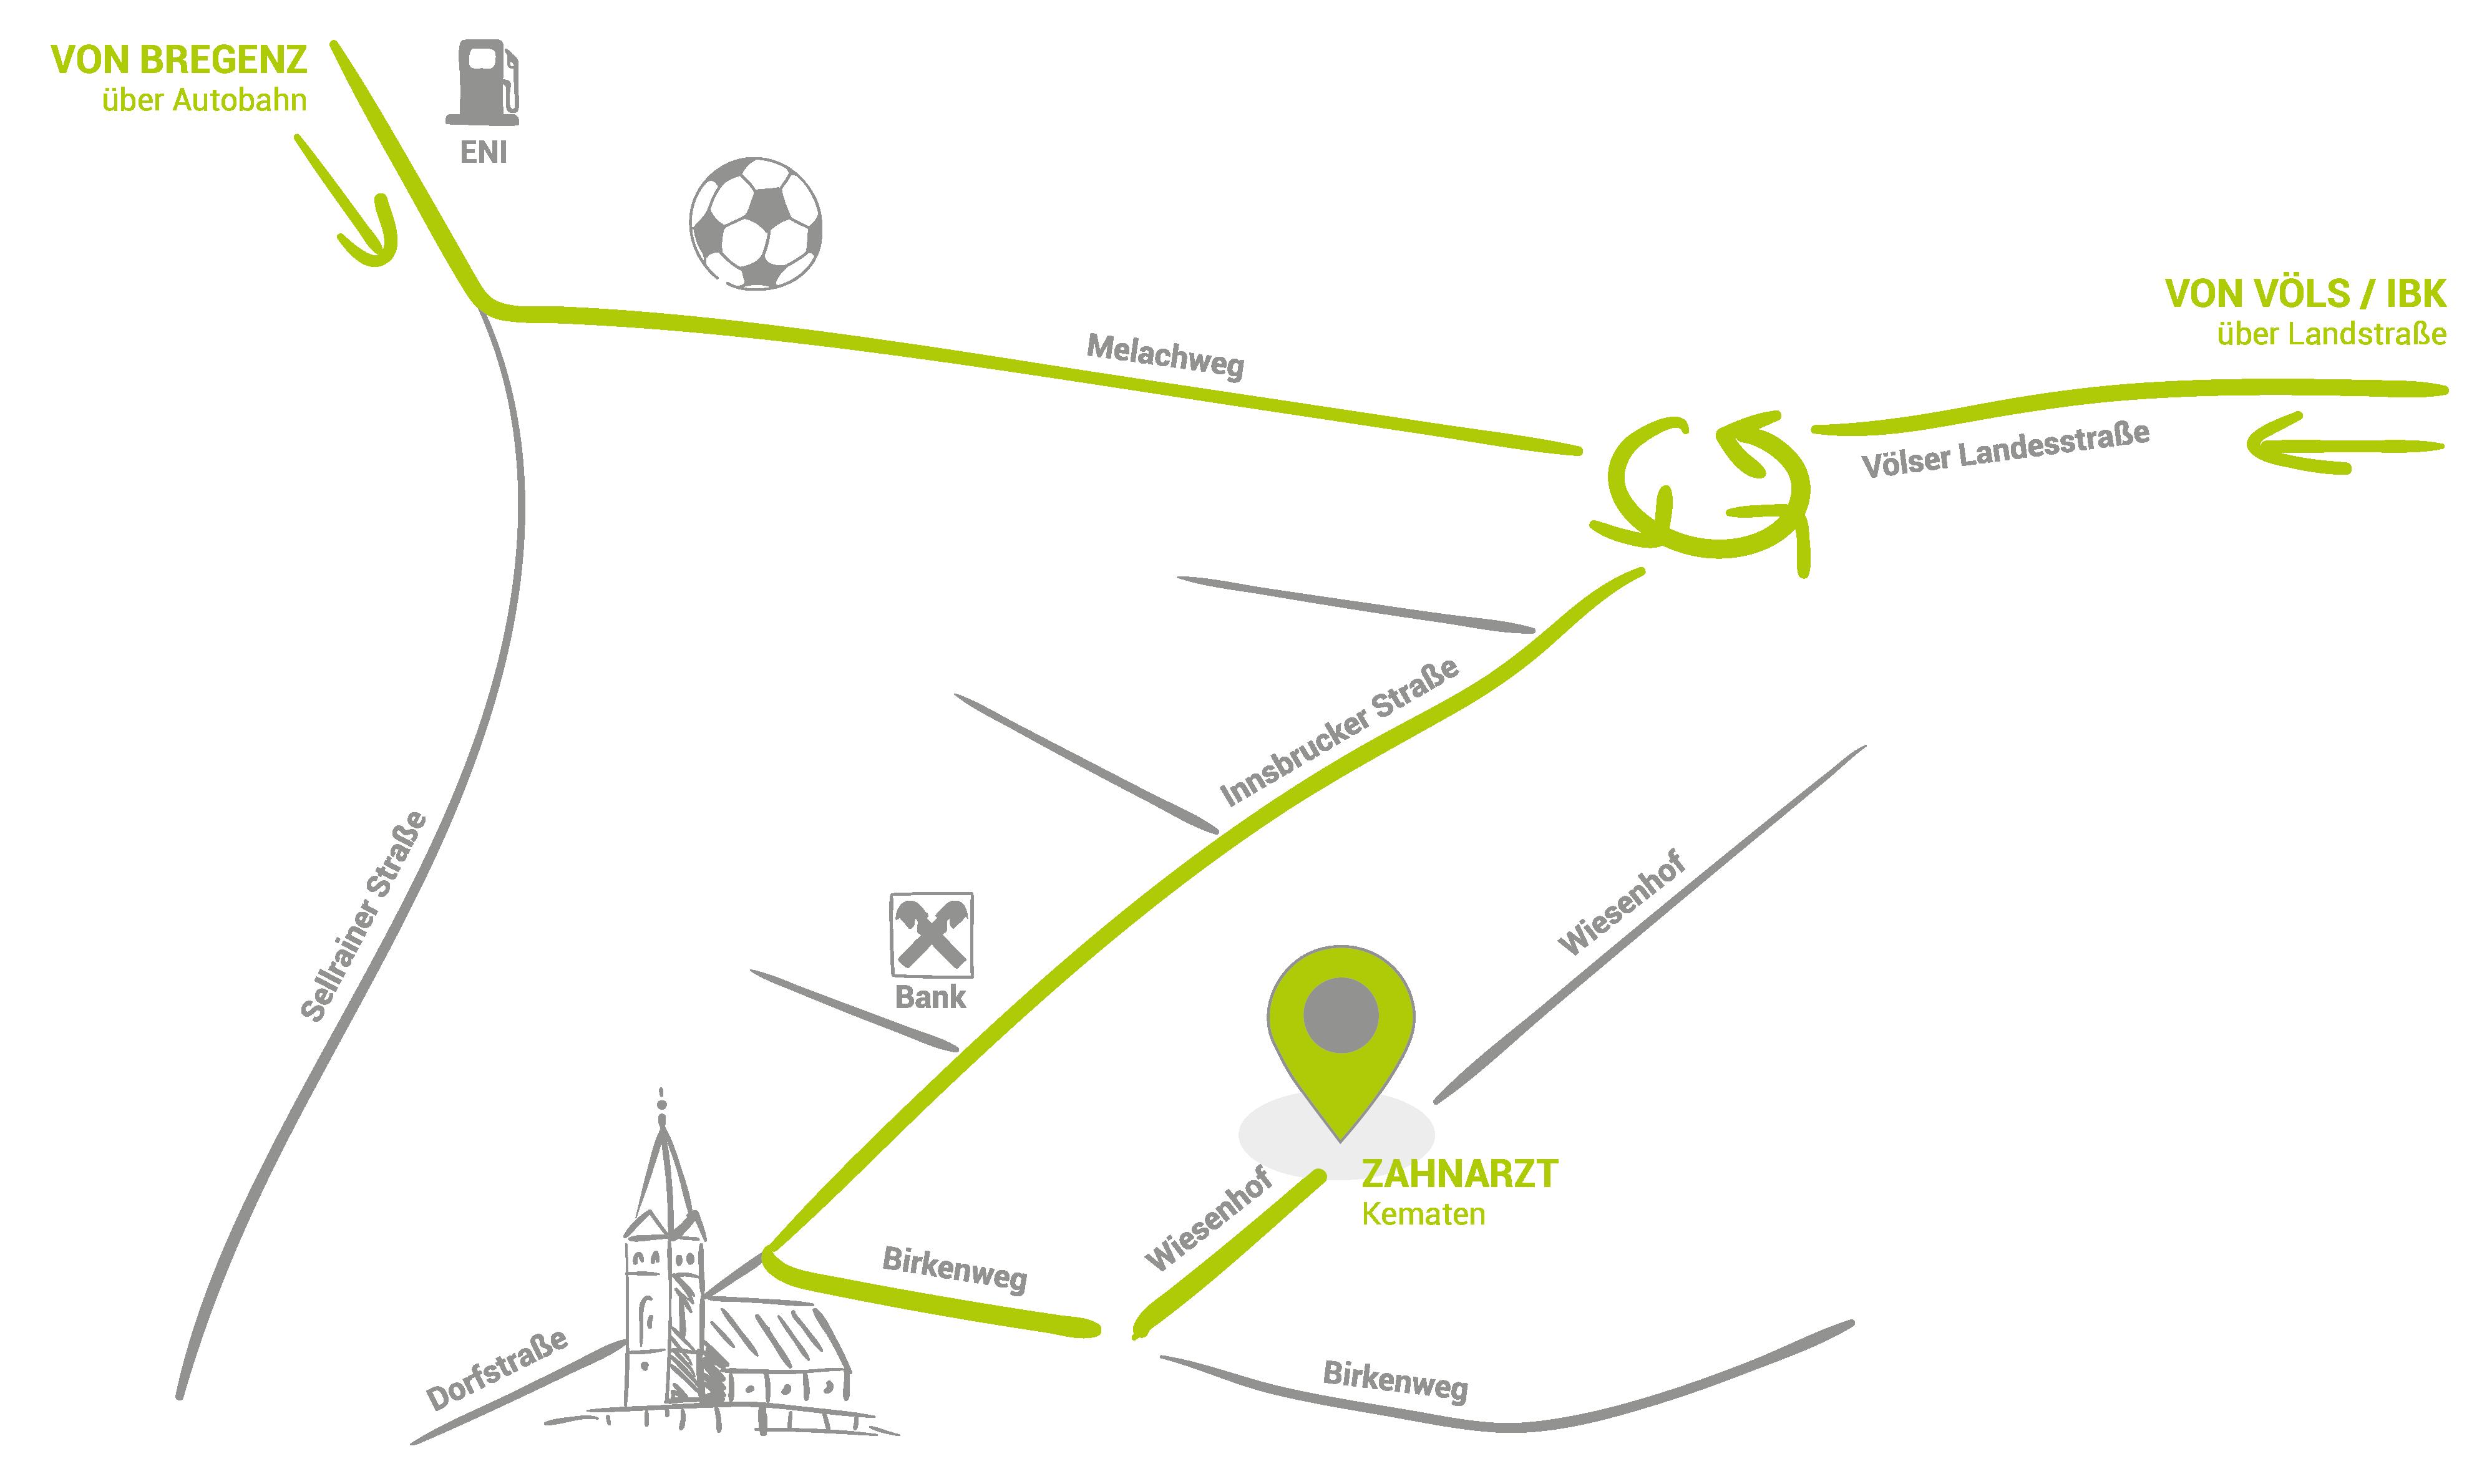 Anfahrt-Kematen-Zahnarzt-Innsbruck-Land